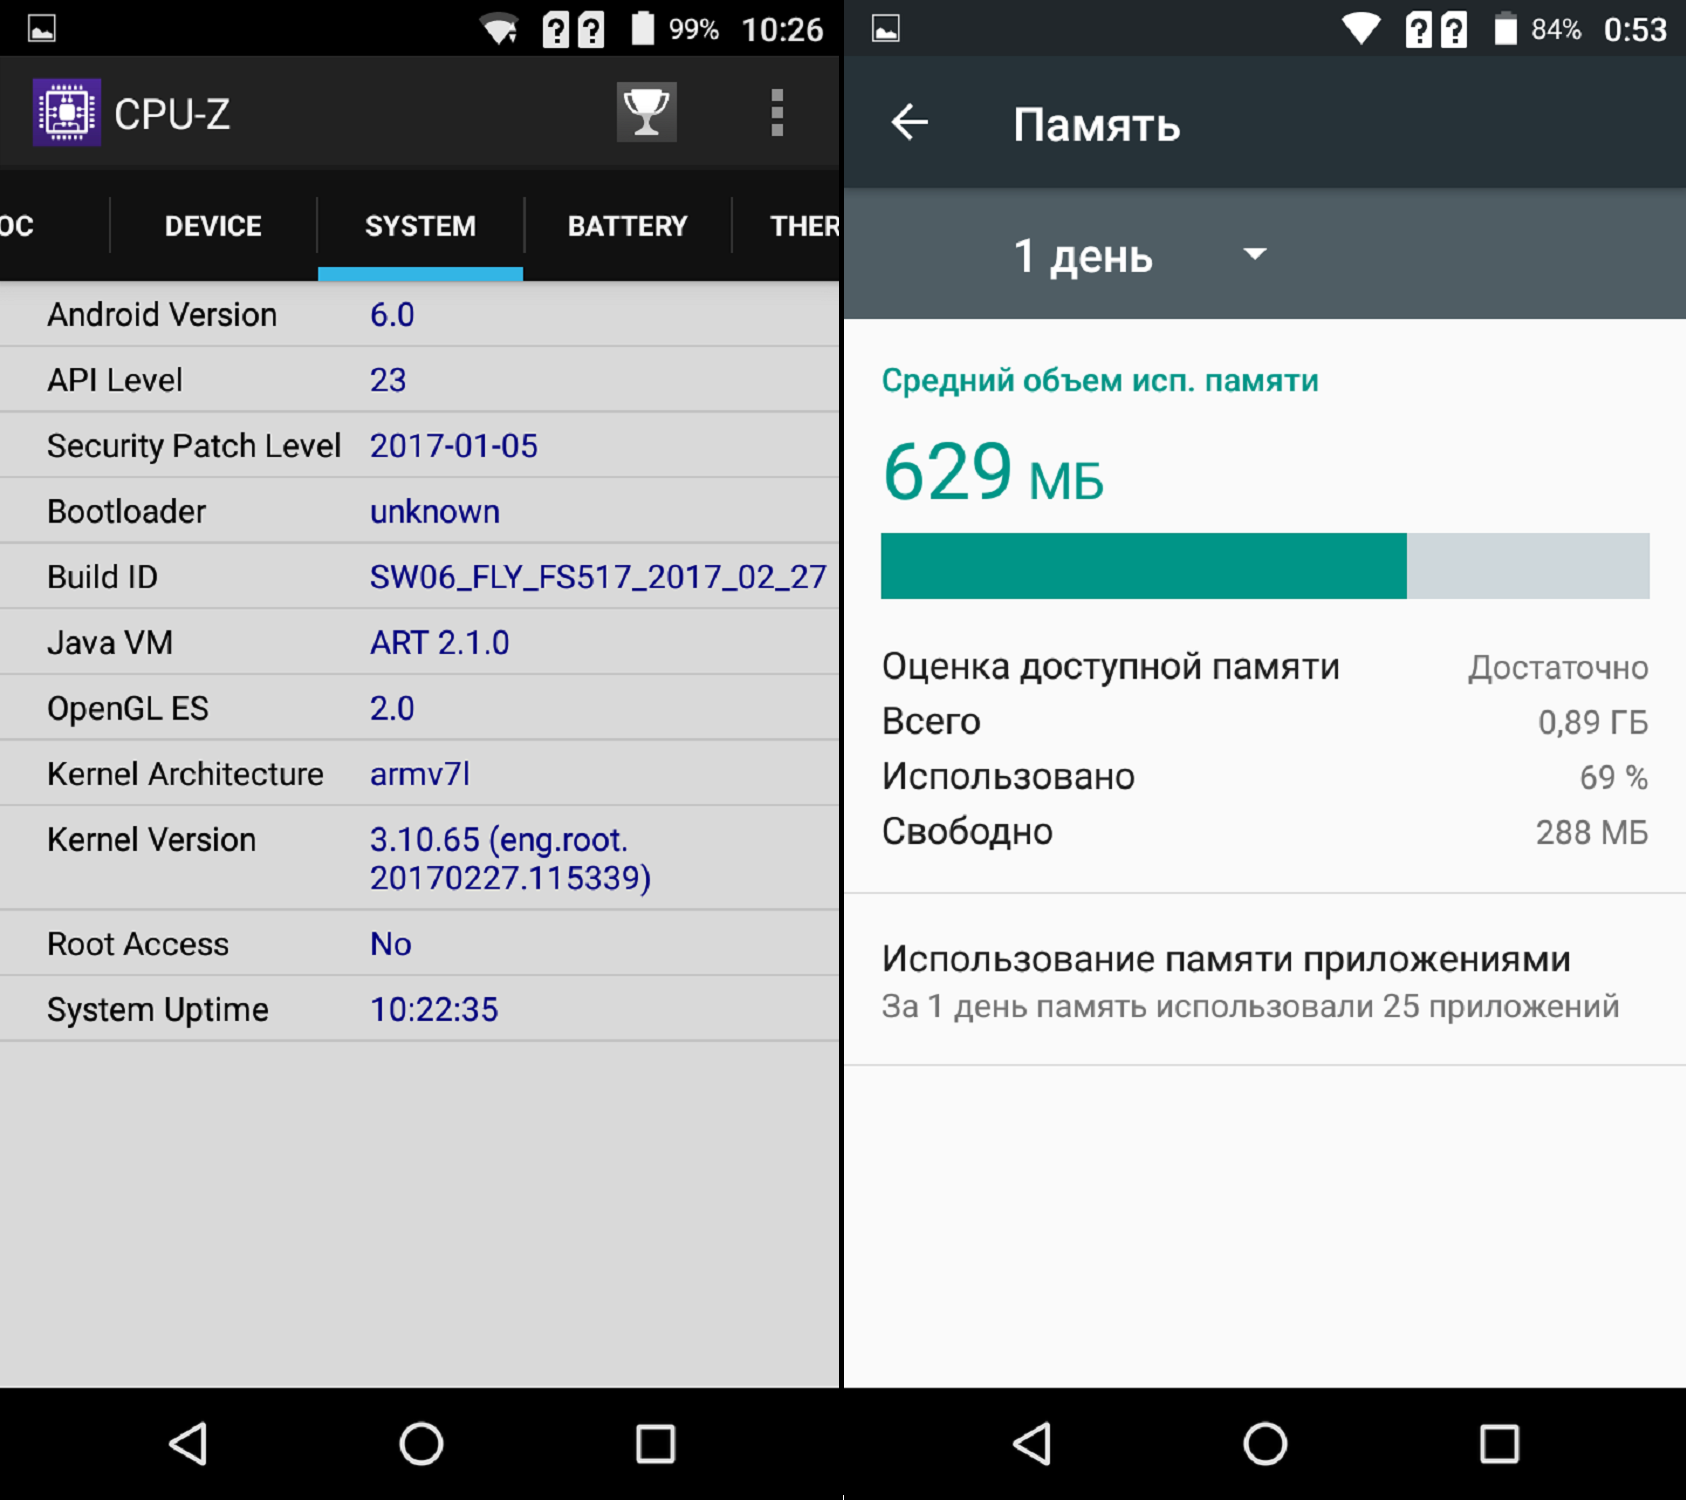 Рис. 4. Память смартфона и его показатели при использовании утилиты СPU-Z.